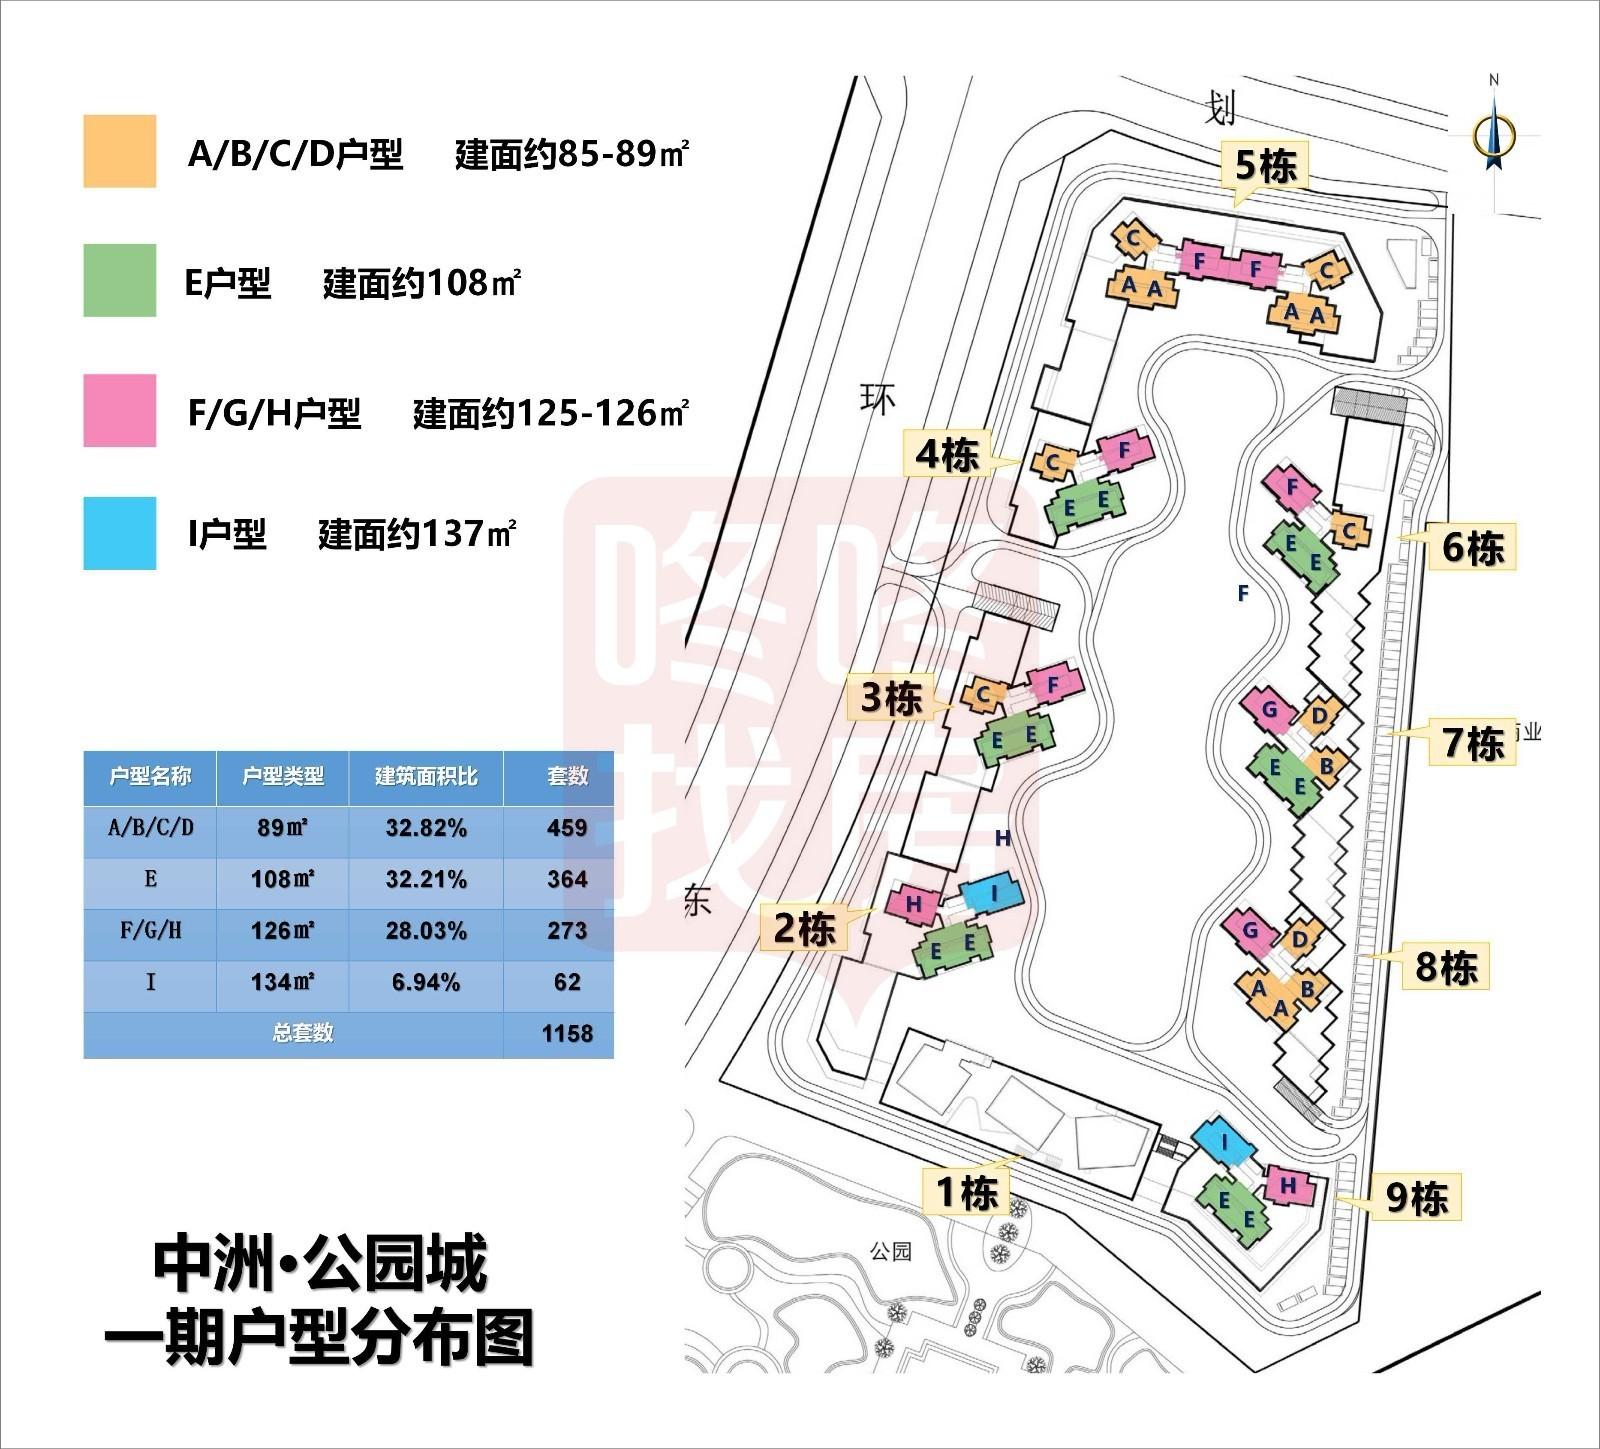 惠阳中洲公园城 有幼儿园小学初中高中?低首付1.5成 降价了?有折扣优惠